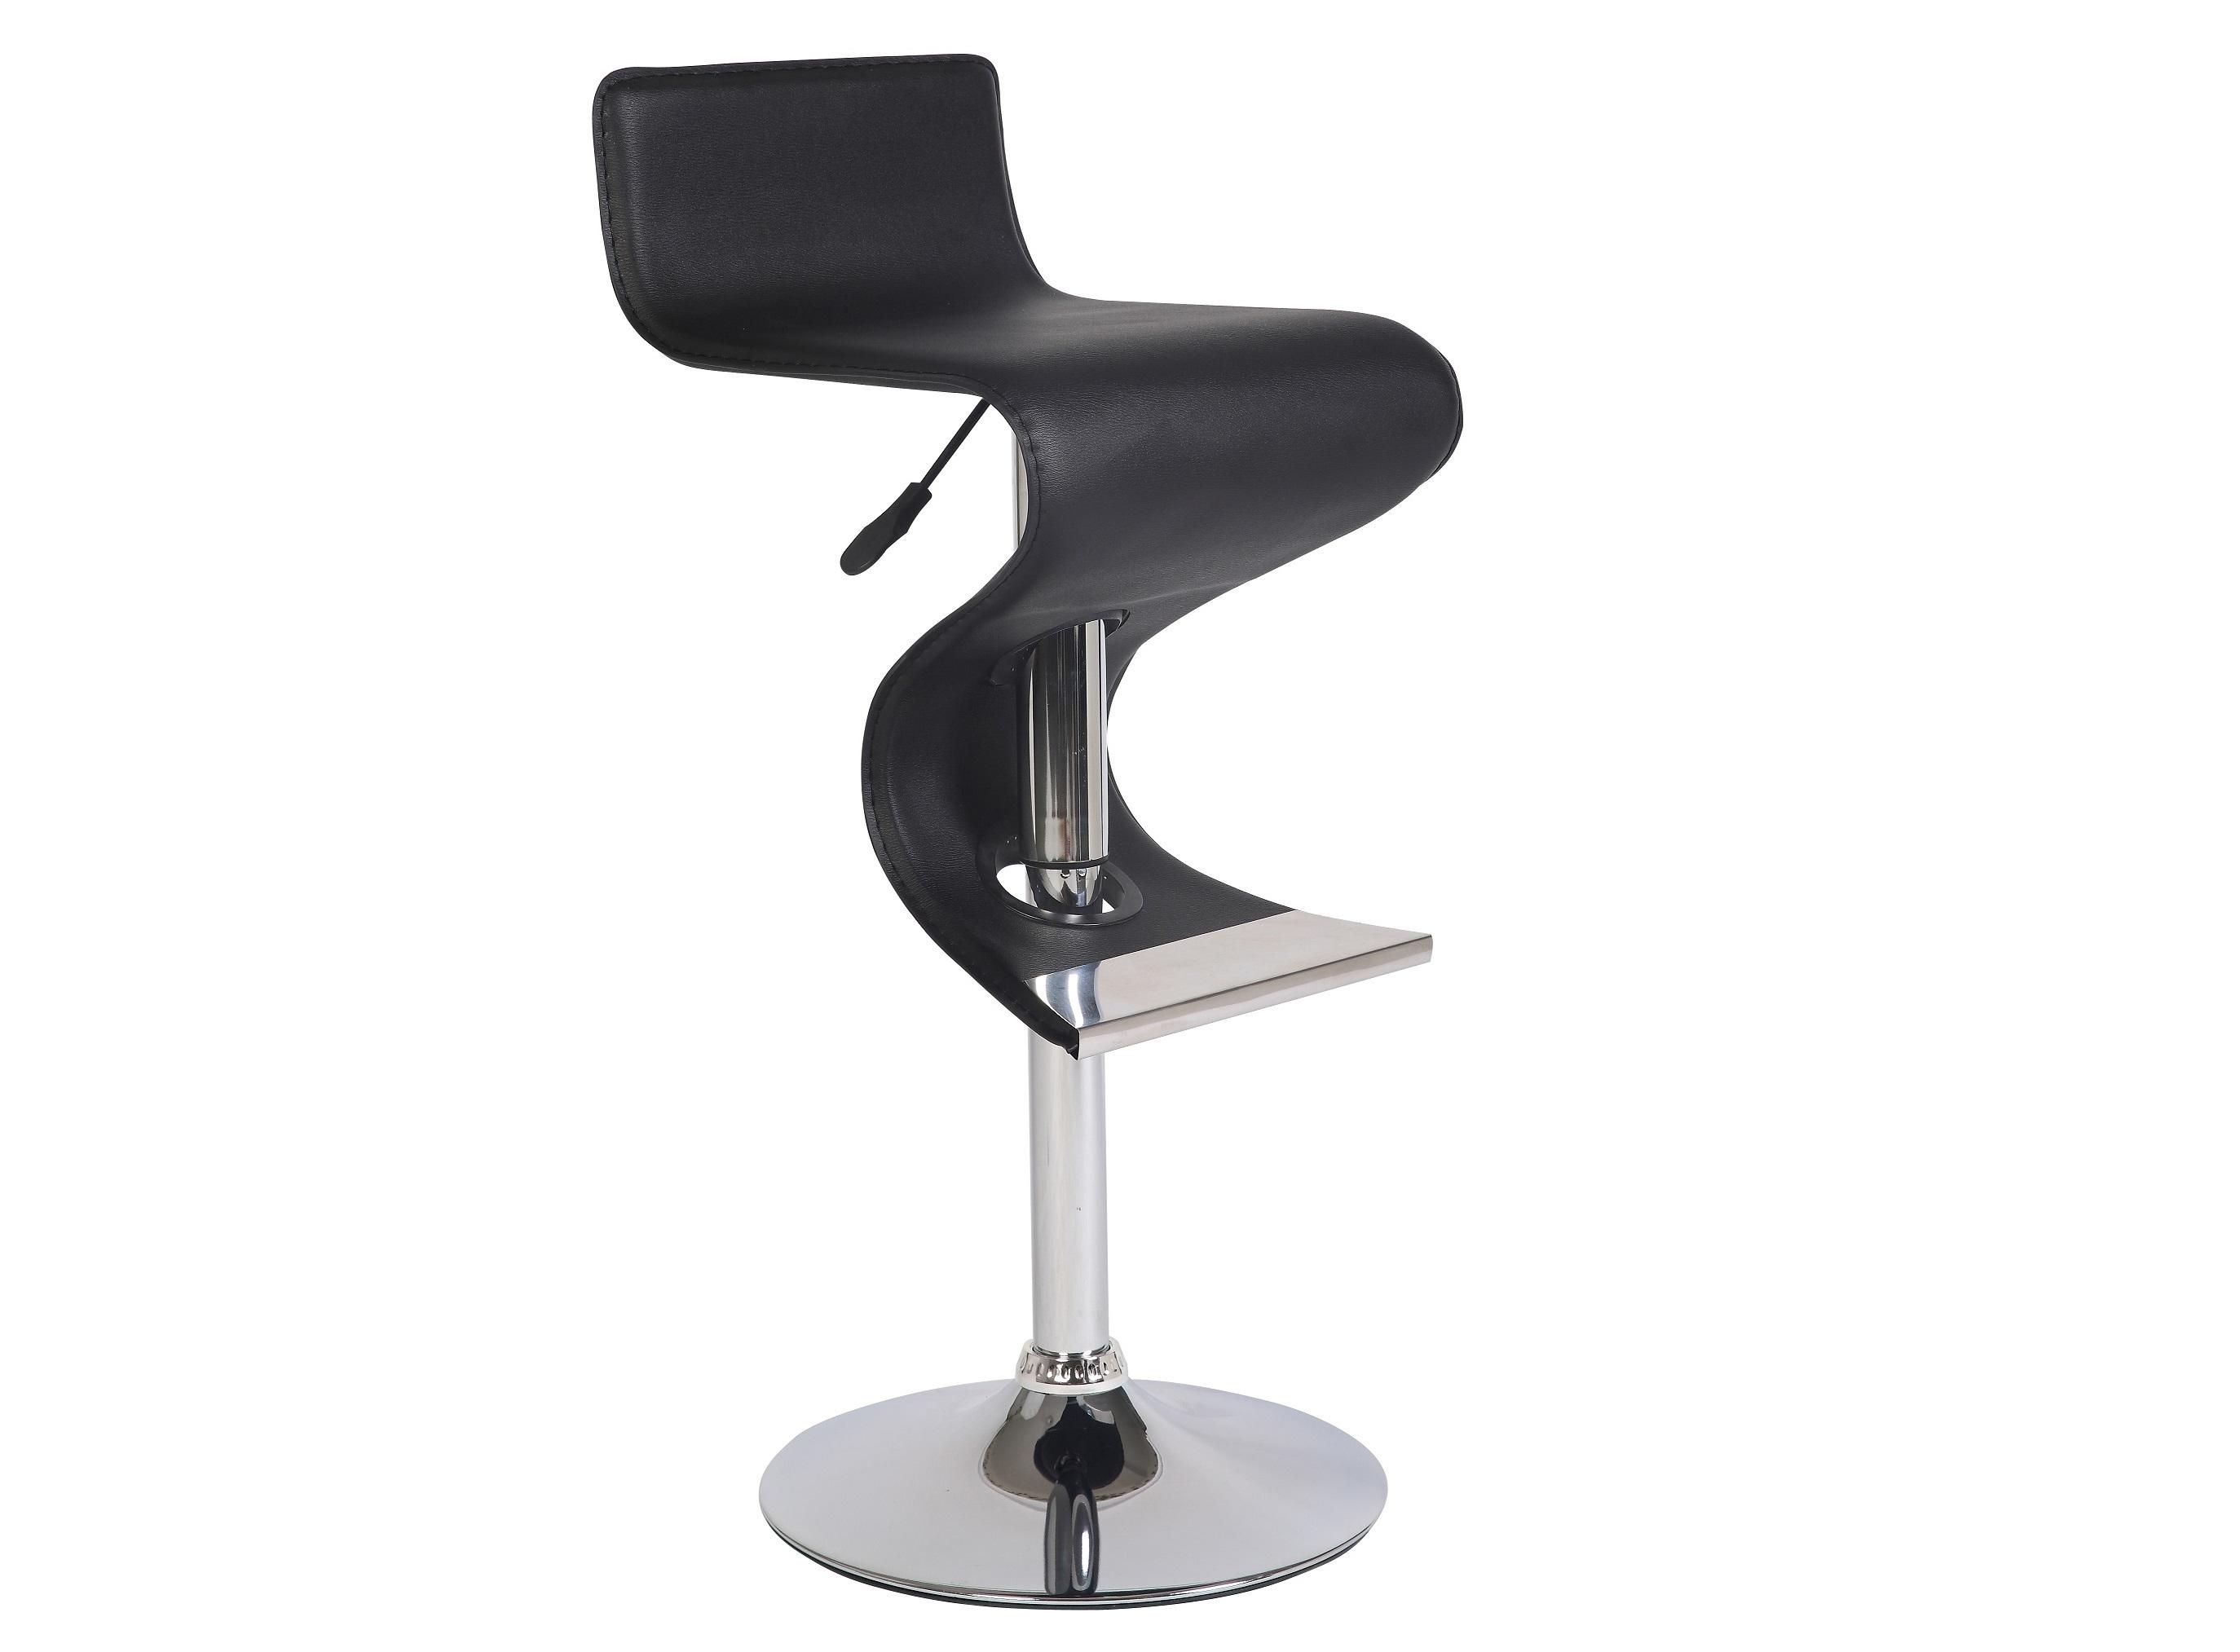 Стул барный JY958-1 черныйБарные стулья<br>Материал: Экокожа, хром<br><br>Material: Кожа<br>Width см: 49<br>Depth см: 45<br>Height см: 92